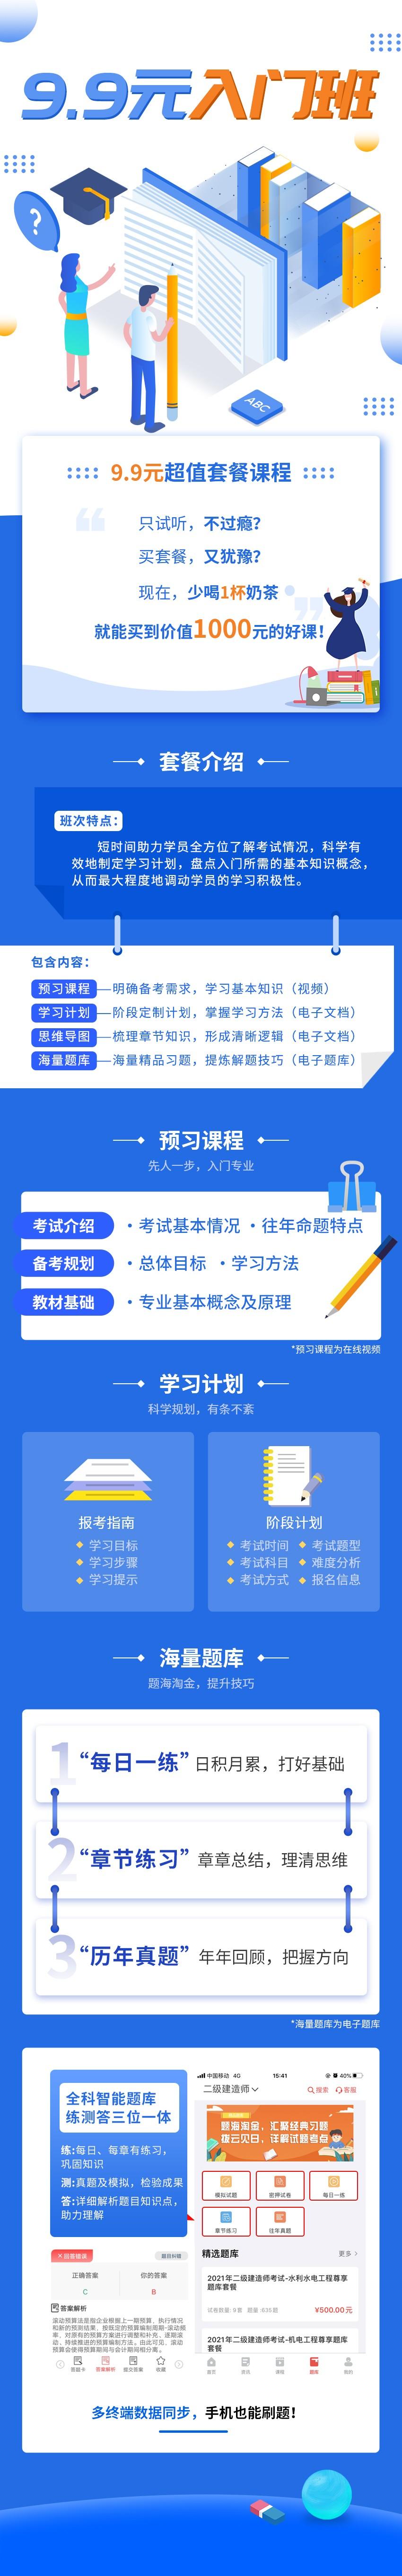 9.9入门班(改)(1).jpg